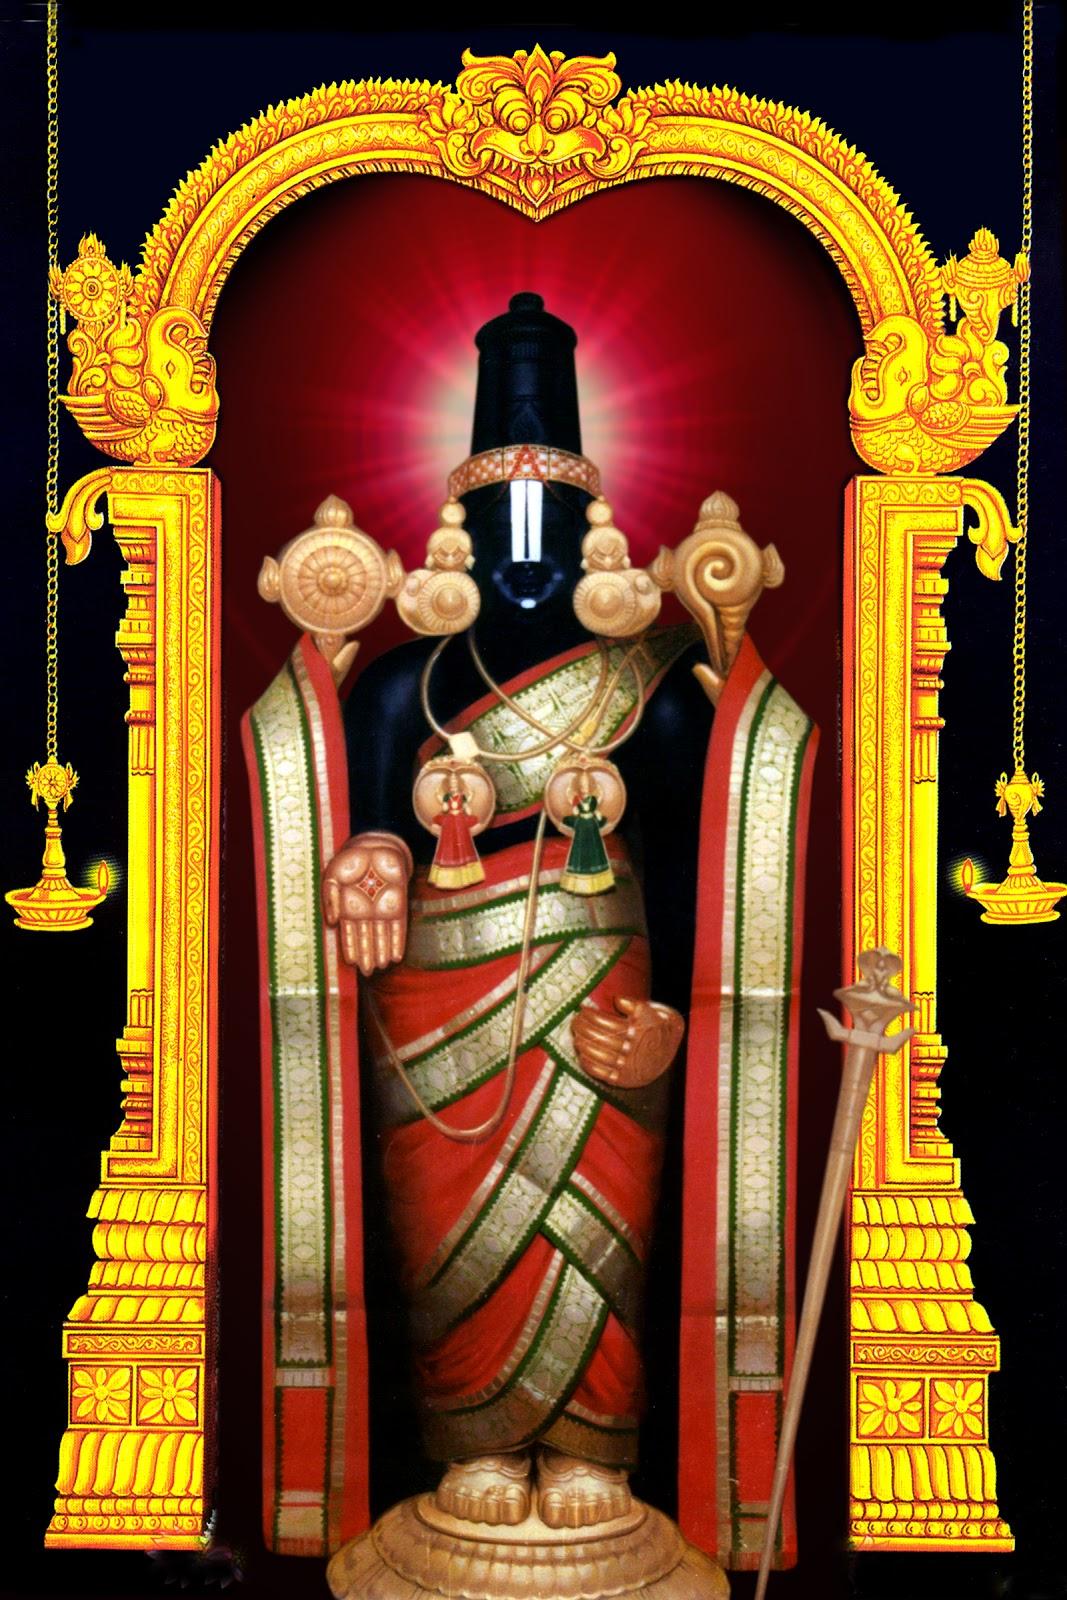 Rooms: DHANURMASAM AT SRI VENKATESWARA SWAMI TEMPLE,TIRUMALA